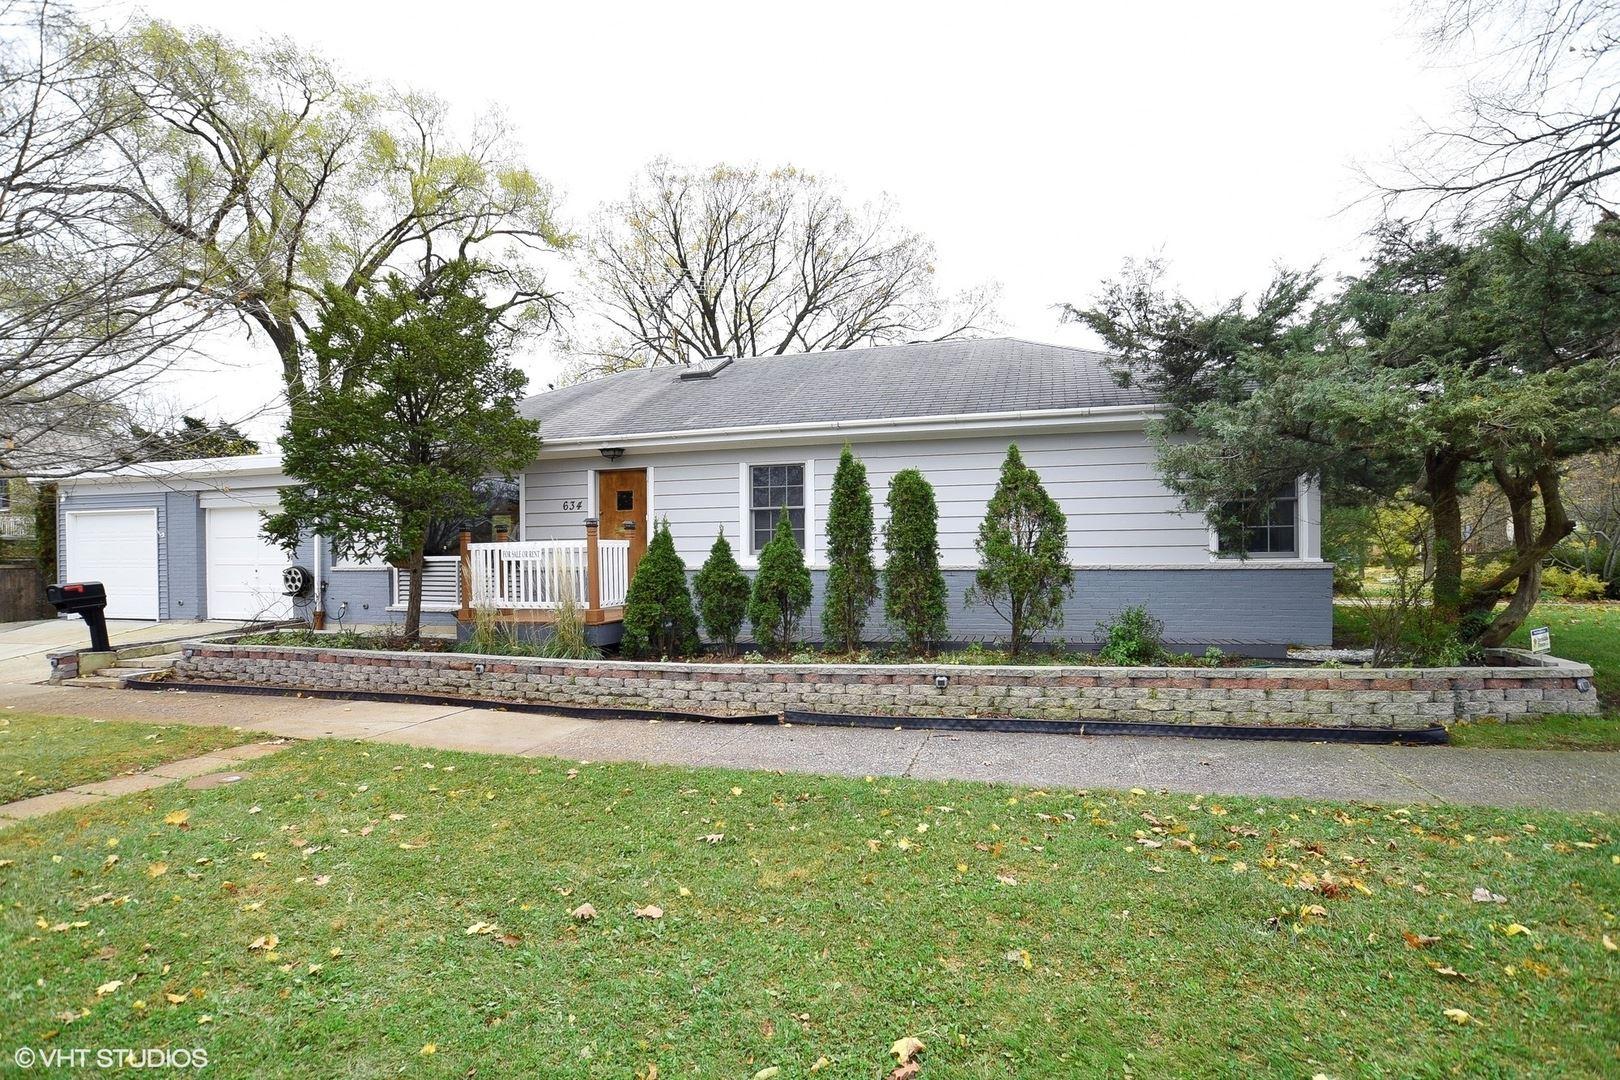 634 Washington Place, Highland Park, IL 60035 - #: 10730783